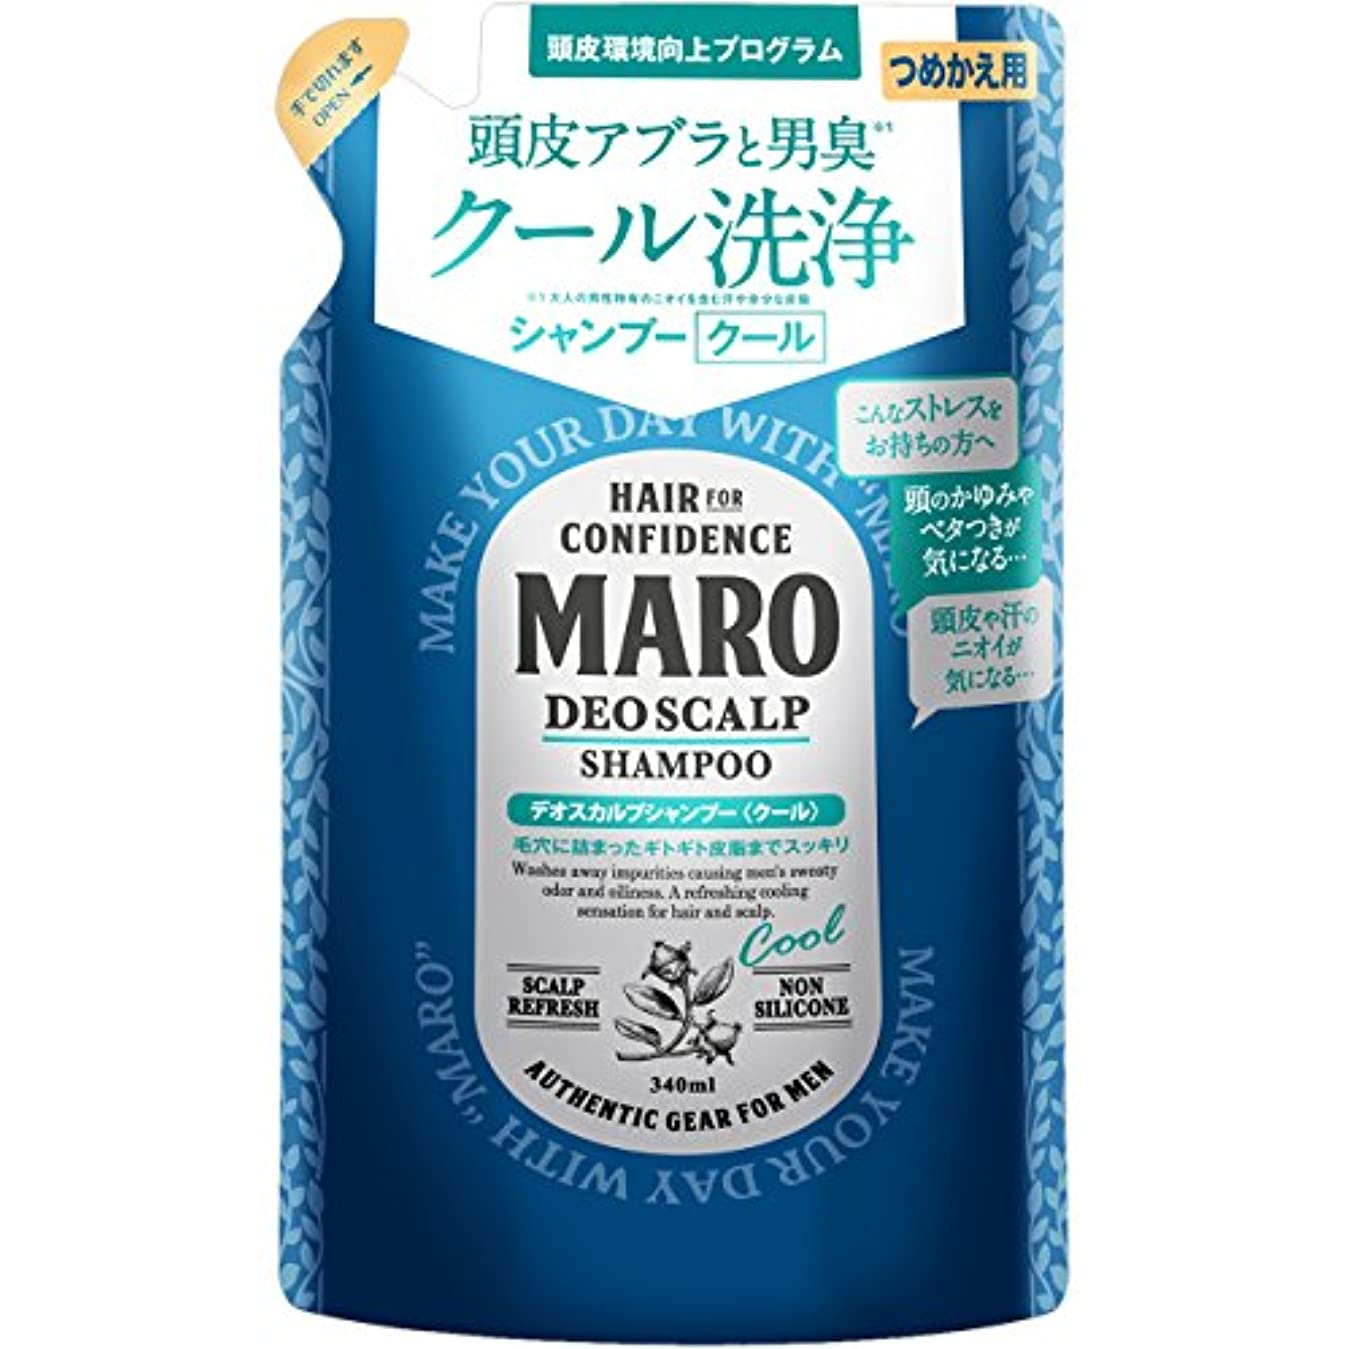 飢えクラックポットおしゃれじゃないMARO デオスカルプ シャンプー クール 詰め替え 340ml